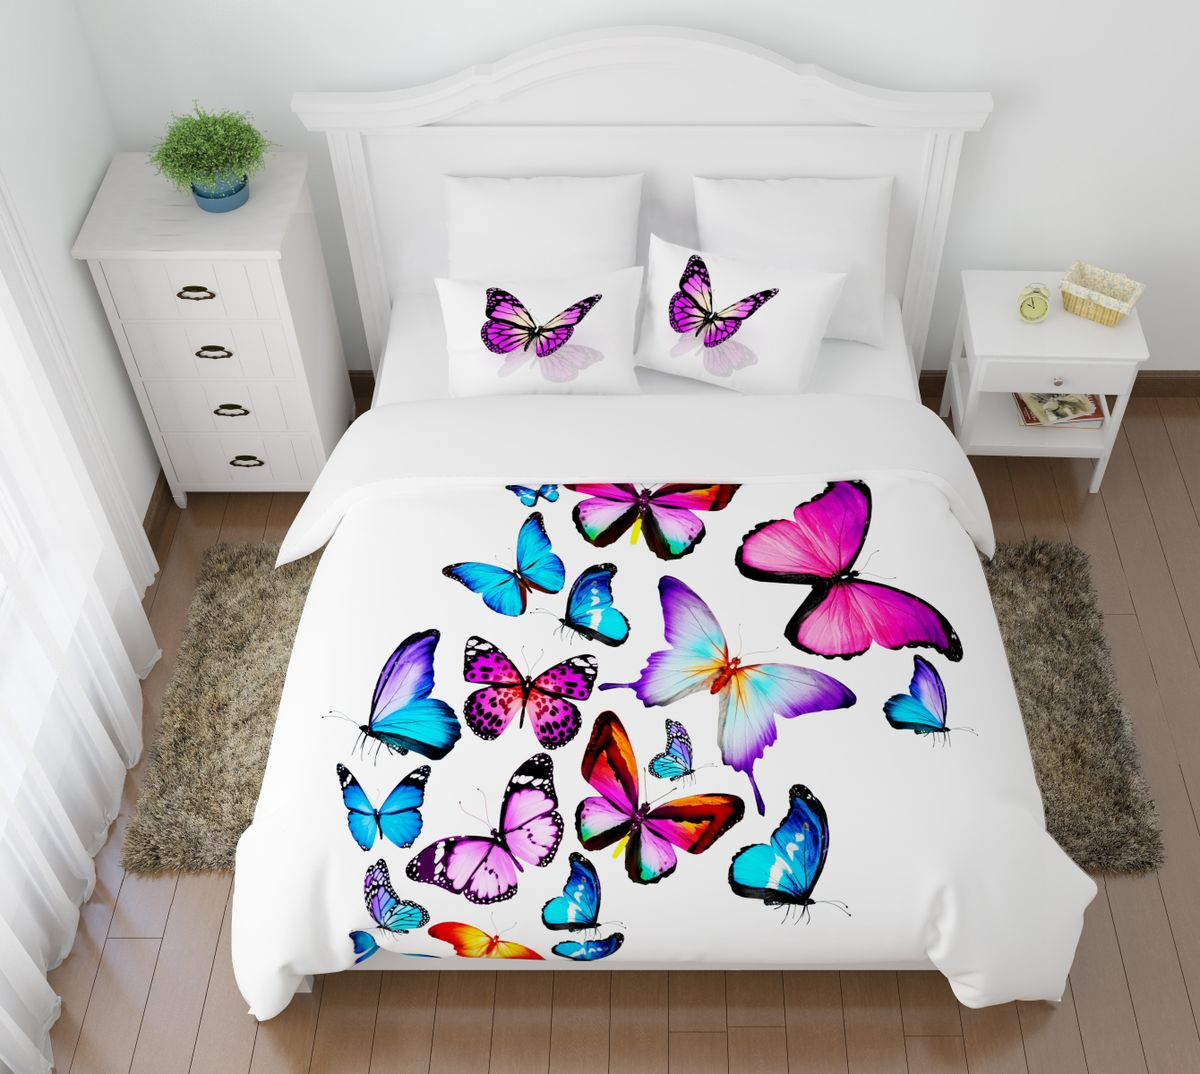 Комплект белья Сирень Яркие бабочки, 2-спальный, наволочки 50х70Ветерок-2 У_6 поддоновКомплект постельного белья Сирень выполнен из прочной и мягкой ткани. Четкий и стильный рисунок в сочетании с насыщенными красками делают комплект постельного белья неповторимой изюминкой любого интерьера.Постельное белье идеально подойдет для подарка. Идеальное соотношение смешенной ткани и гипоаллергенных красок - это гарантия здорового, спокойного сна. Ткань хорошо впитывает влагу, надолго сохраняет яркость красок.В комплект входят: простынь, пододеяльник, две наволочки. Постельное белье легко стирать при 30-40°С, гладить при 150°С, не отбеливать. Рекомендуется перед первым использованием постирать.УВАЖАЕМЫЕ КЛИЕНТЫ! Обращаем ваше внимание, что цвет простыни, пододеяльника, наволочки в комплектации может немного отличаться от представленного на фото.